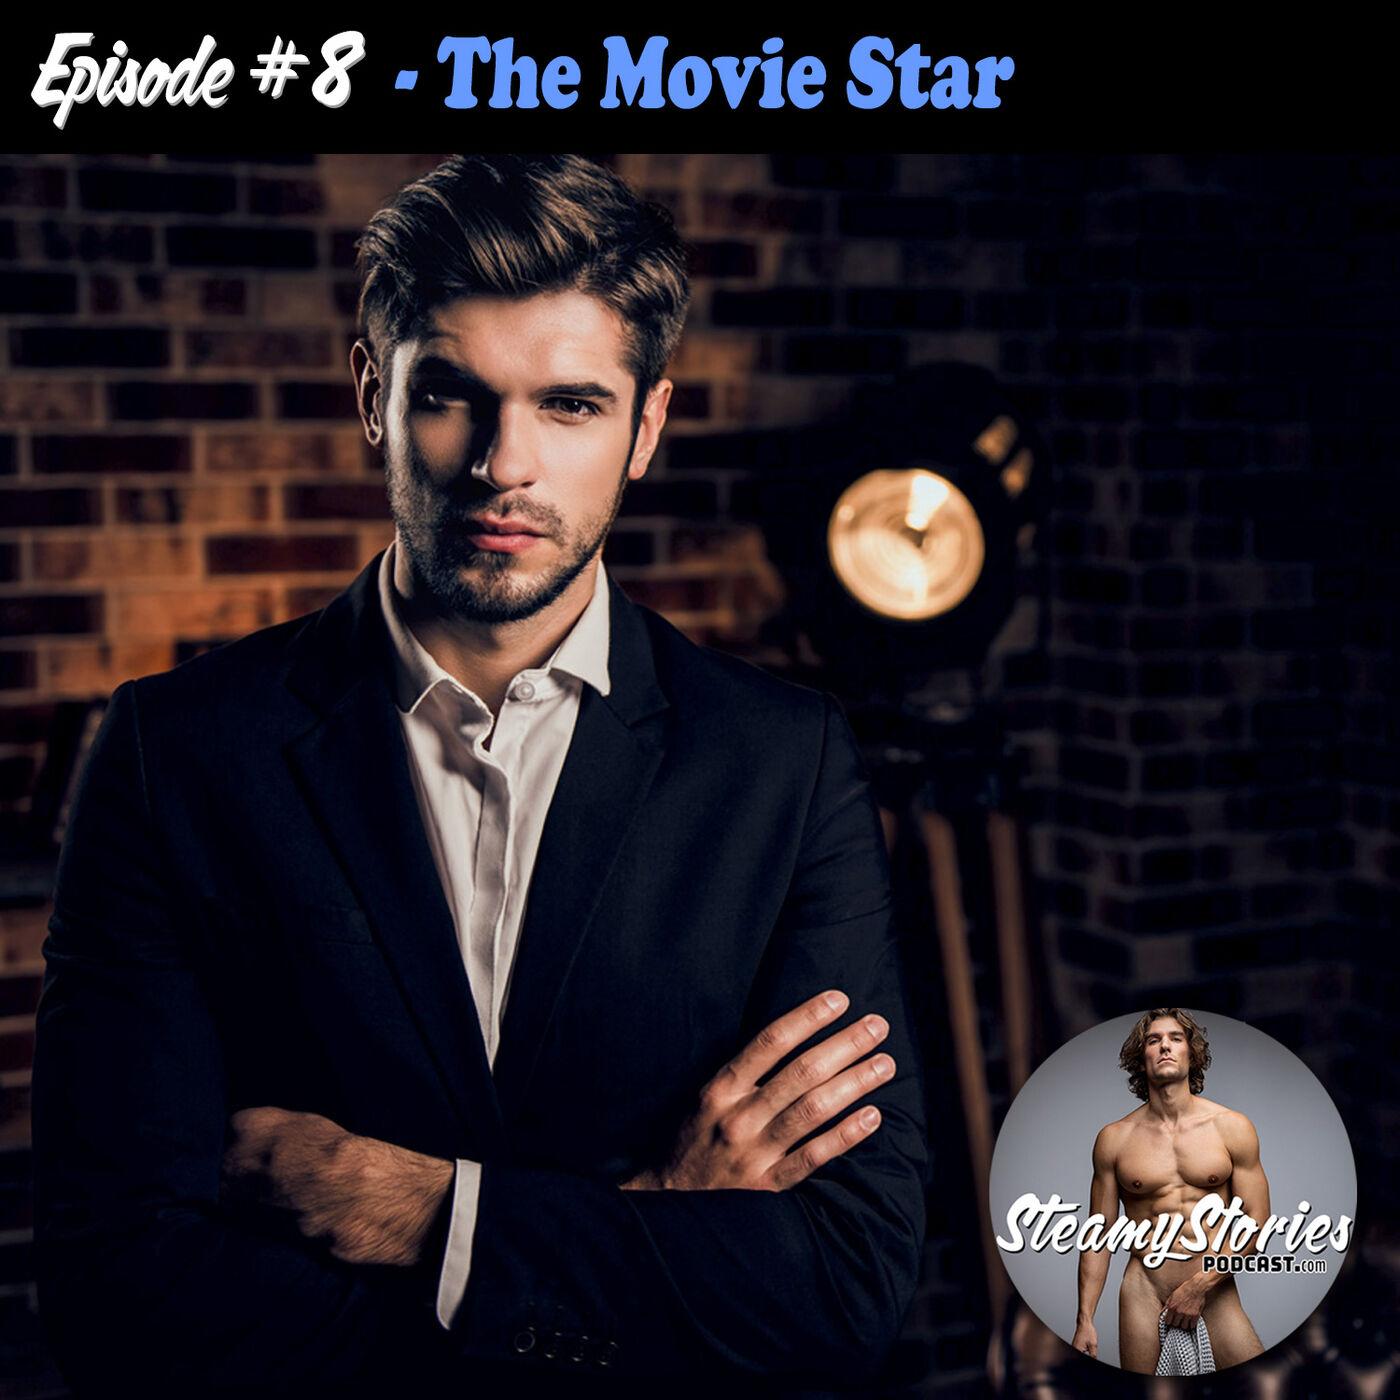 8. The Movie Star